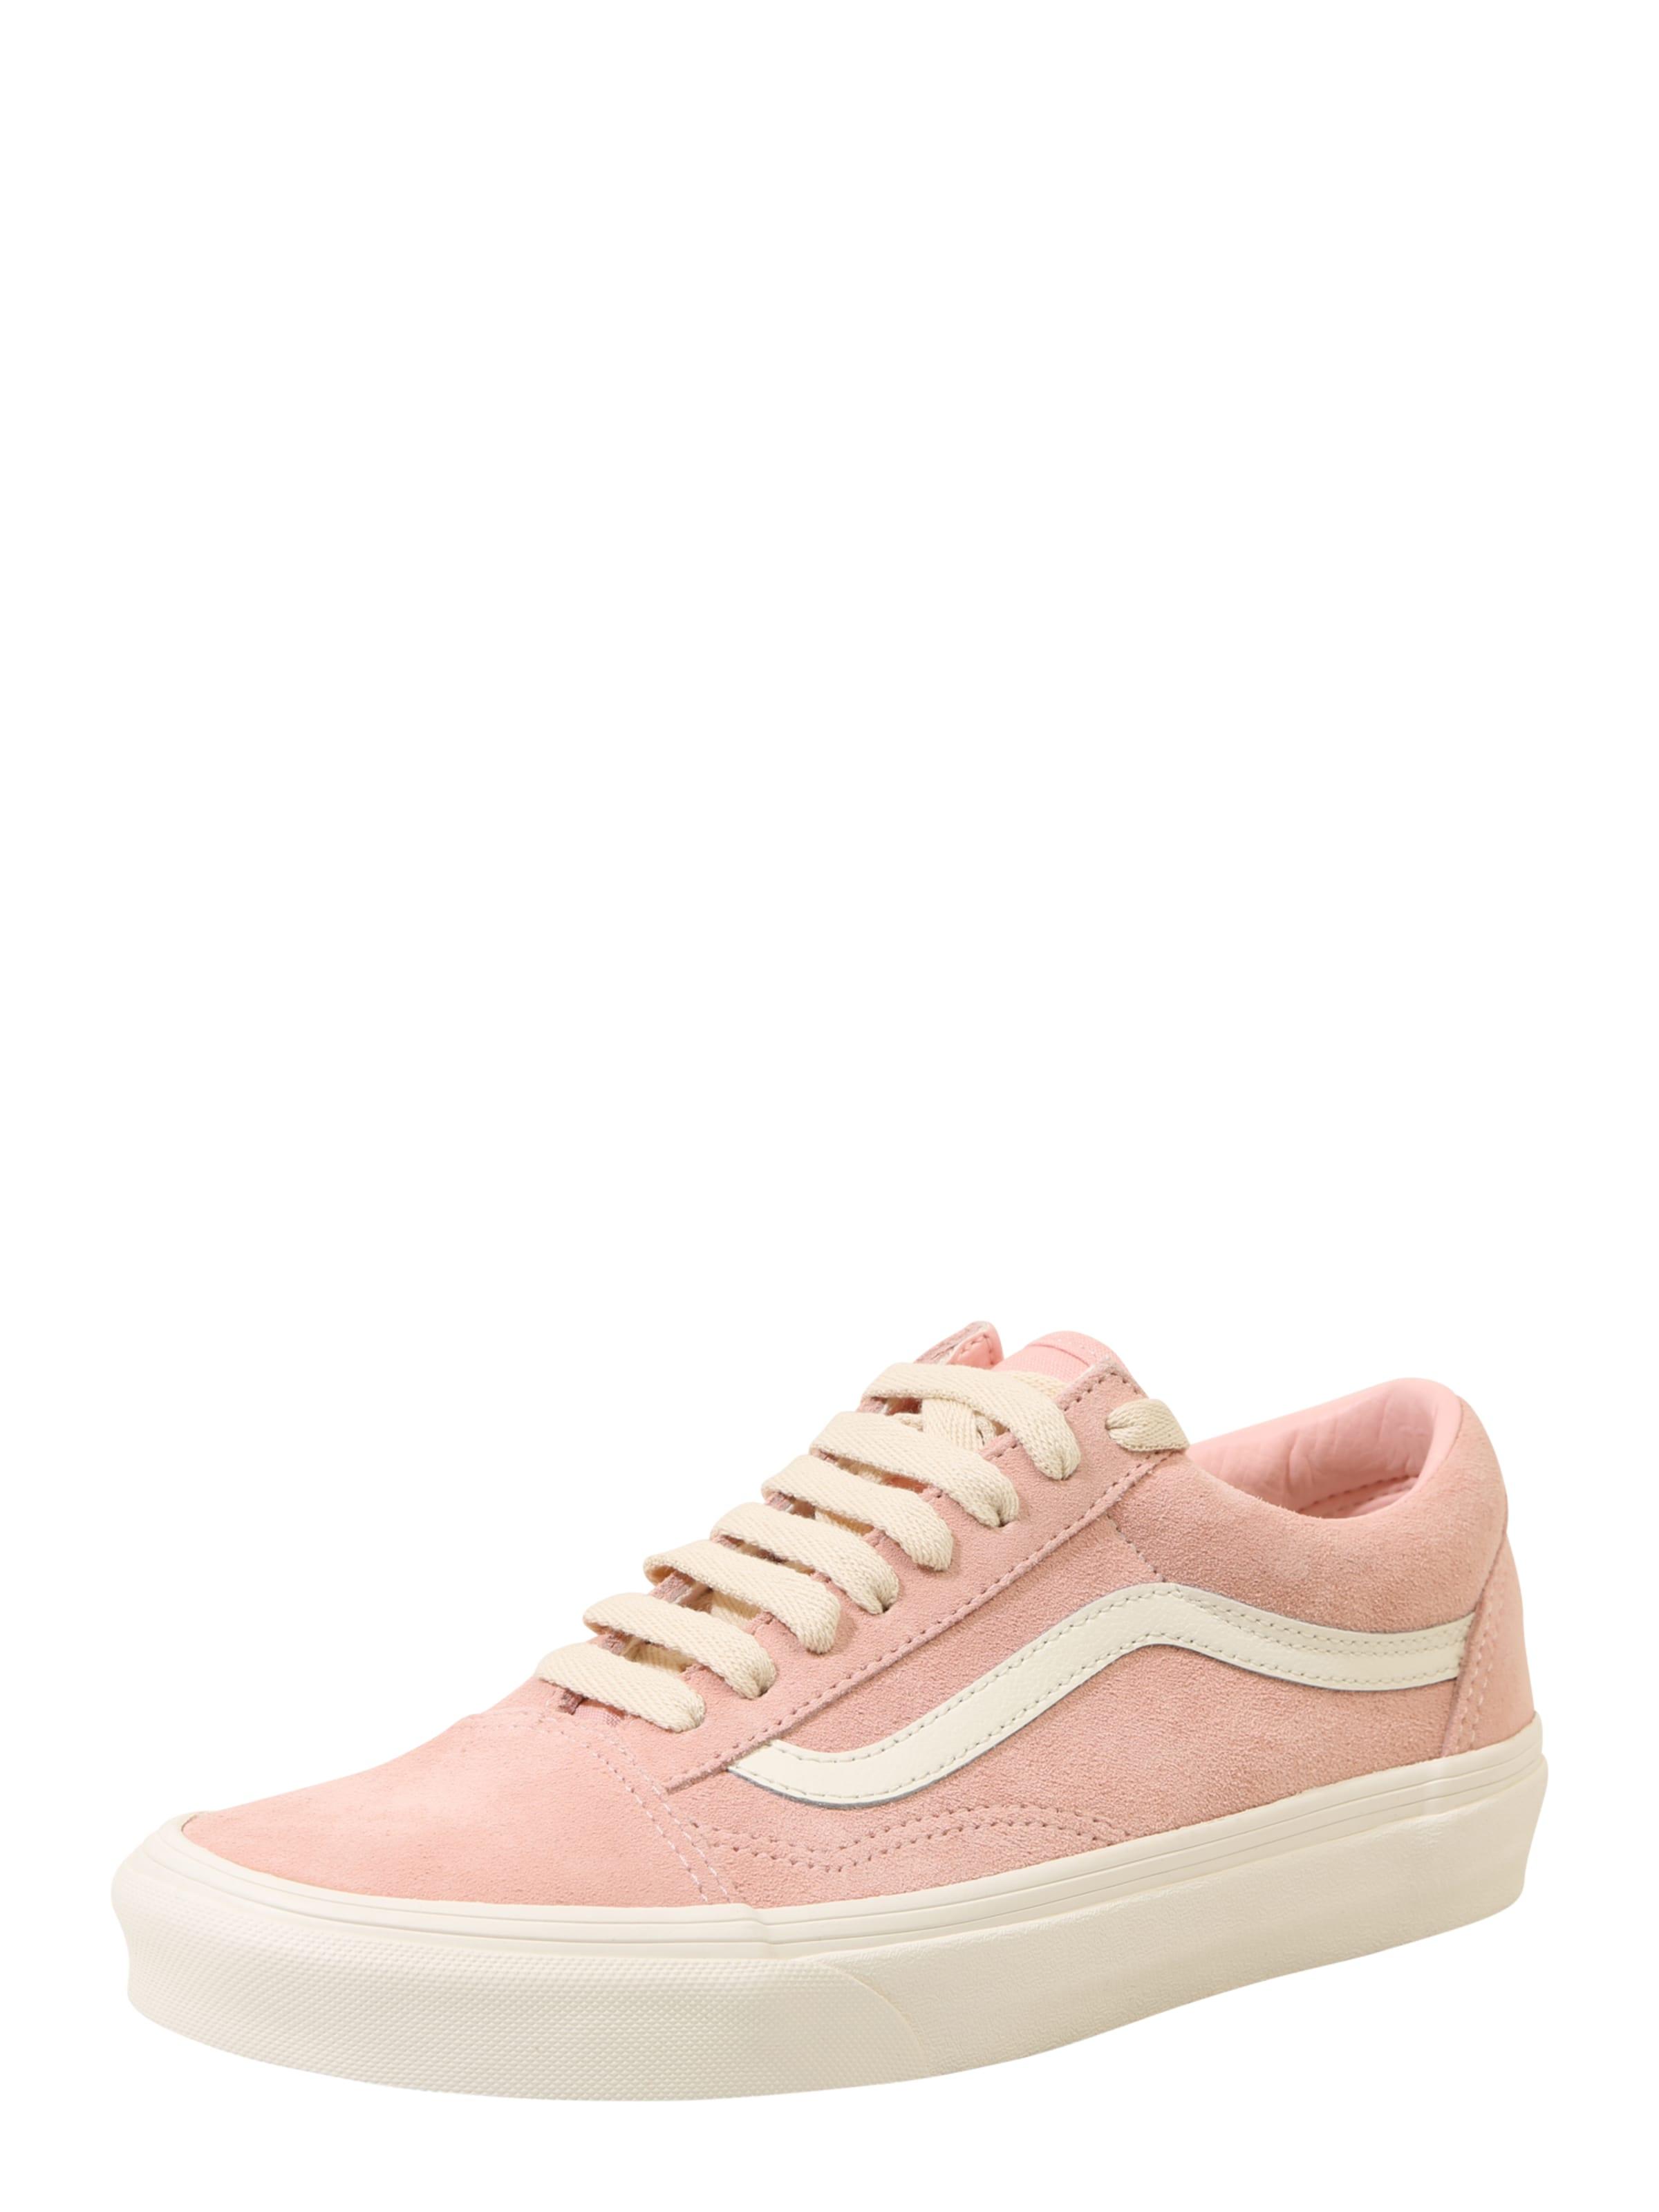 VANS Sneaker 'Old Skool' Discount Versandkosten Frei Billig Verkauf Fabrikverkauf rsZO6lng41